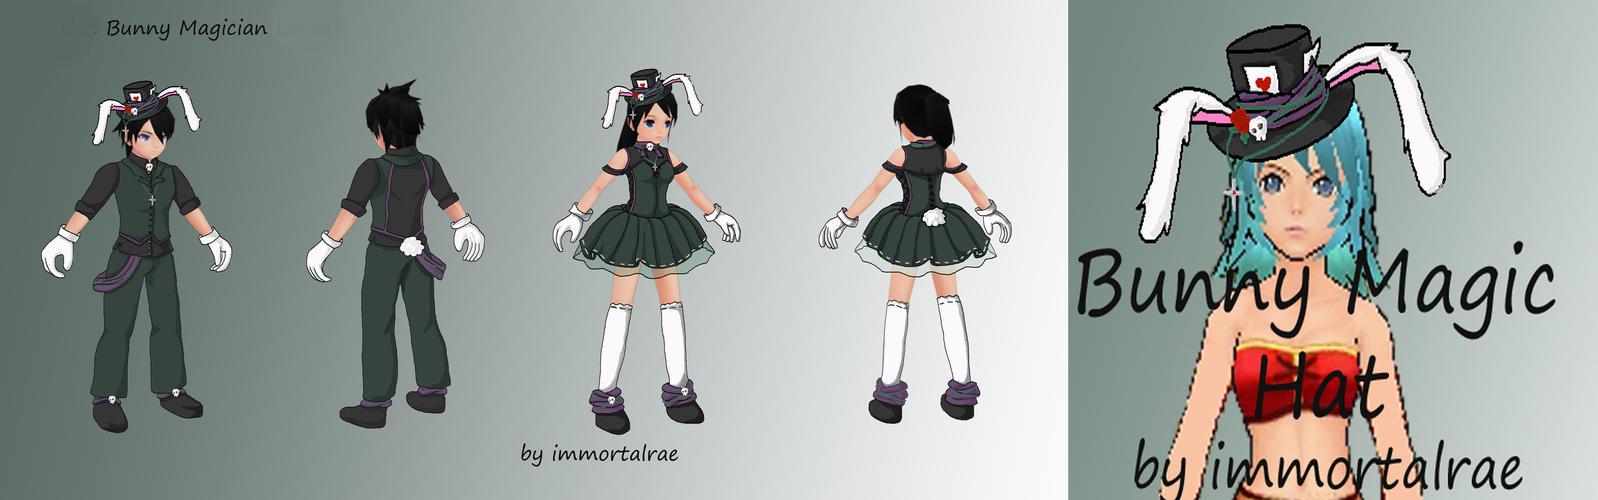 bunny_magician_by_immortalrae-d7qr2u6.jpg